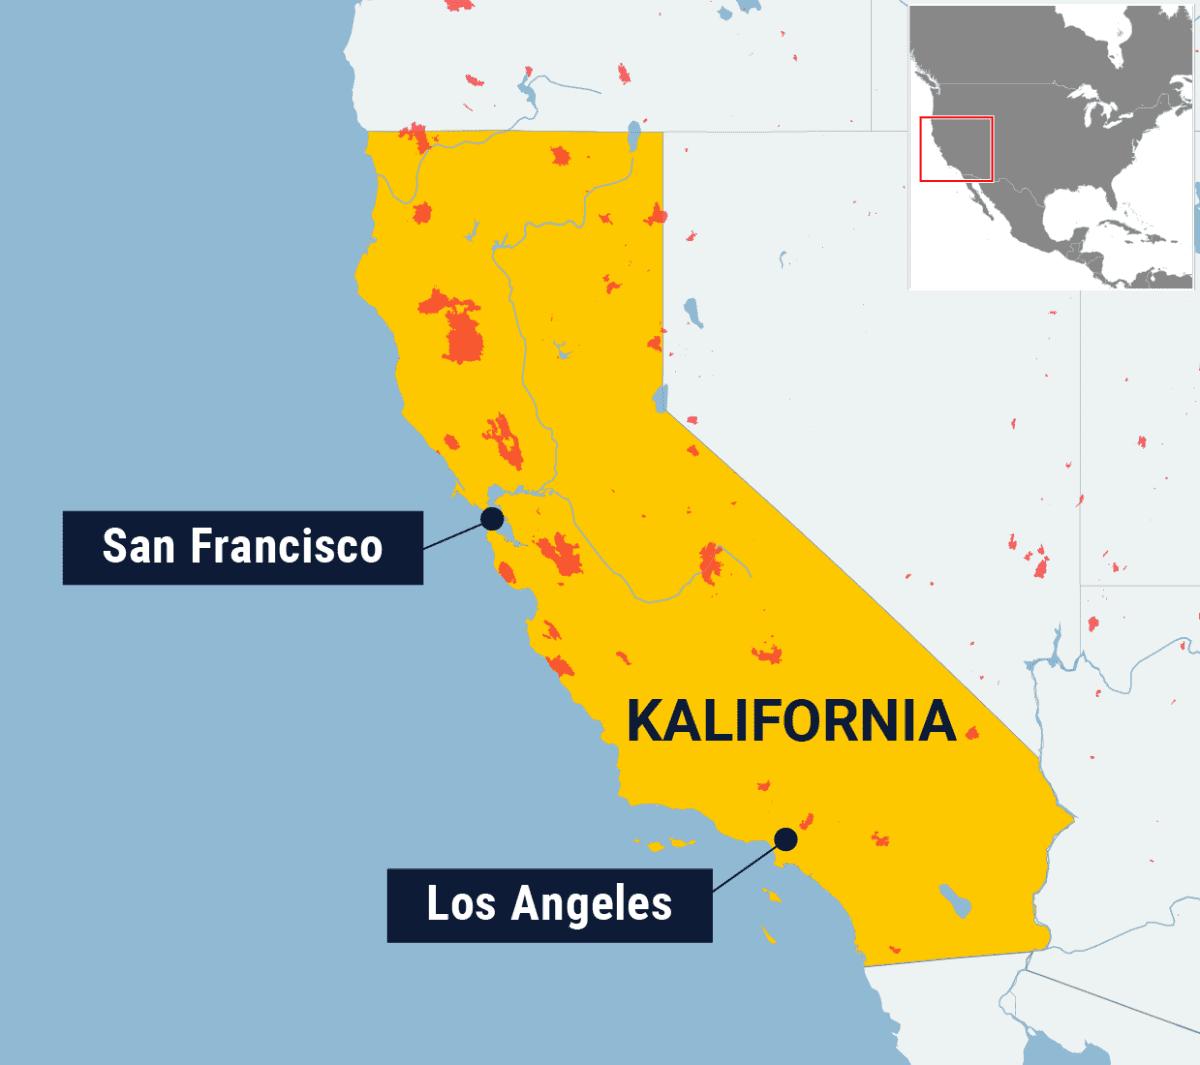 Kartta Kalifornian maastopaloalueista.